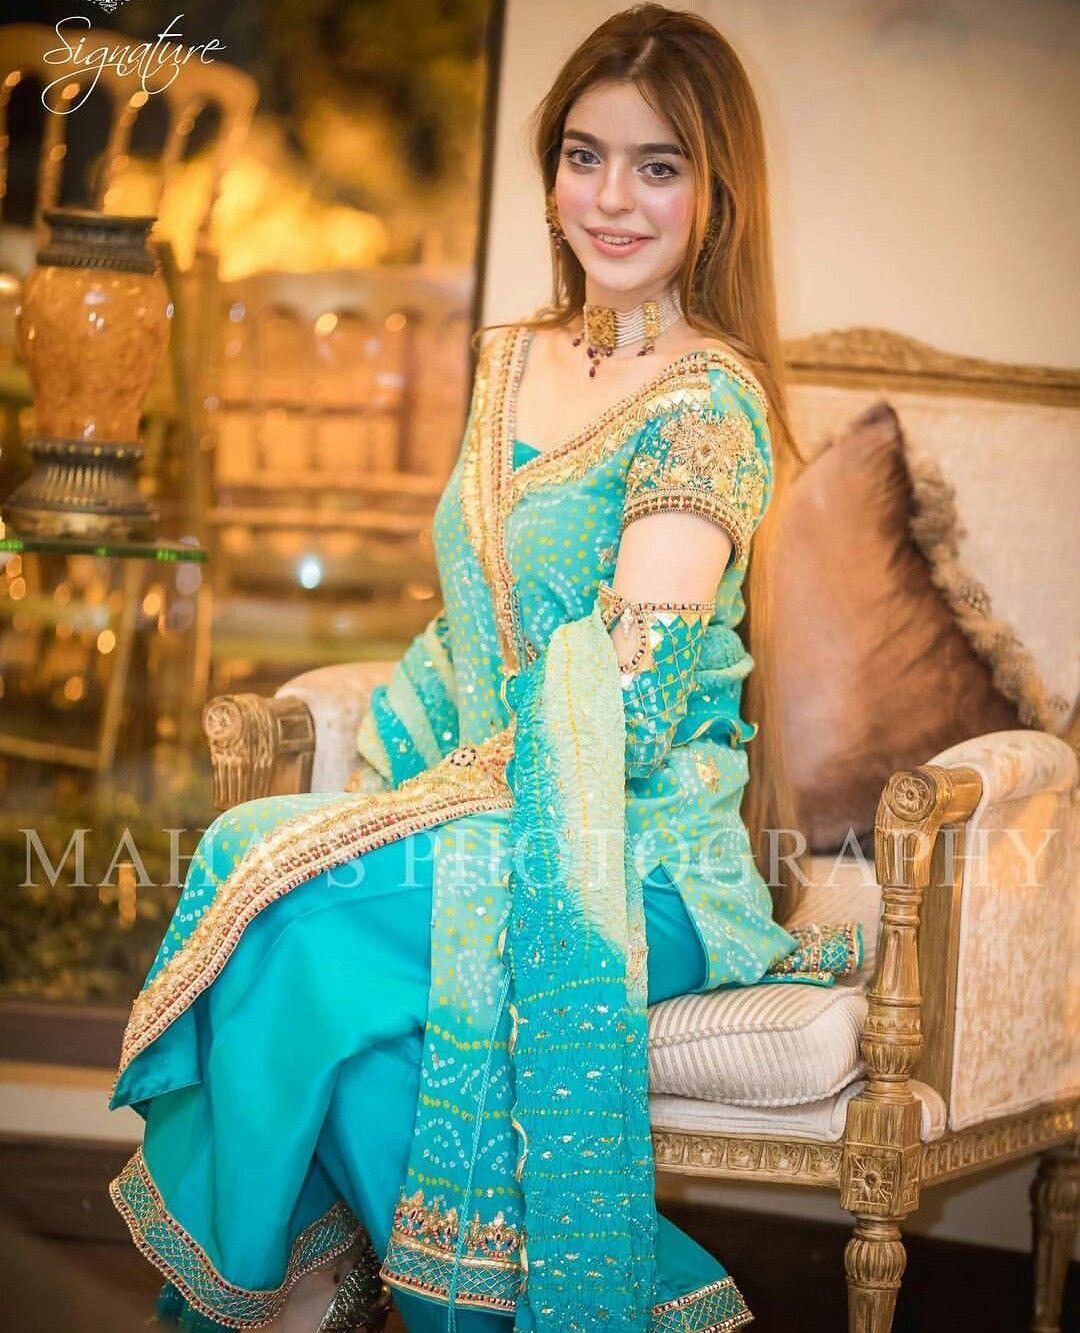 Pin by YASMIN 💕🦄 on ⓣⓤⓡⓠⓤⓞⓘⓢⓔ ♡ | Pinterest | Pakistani ...